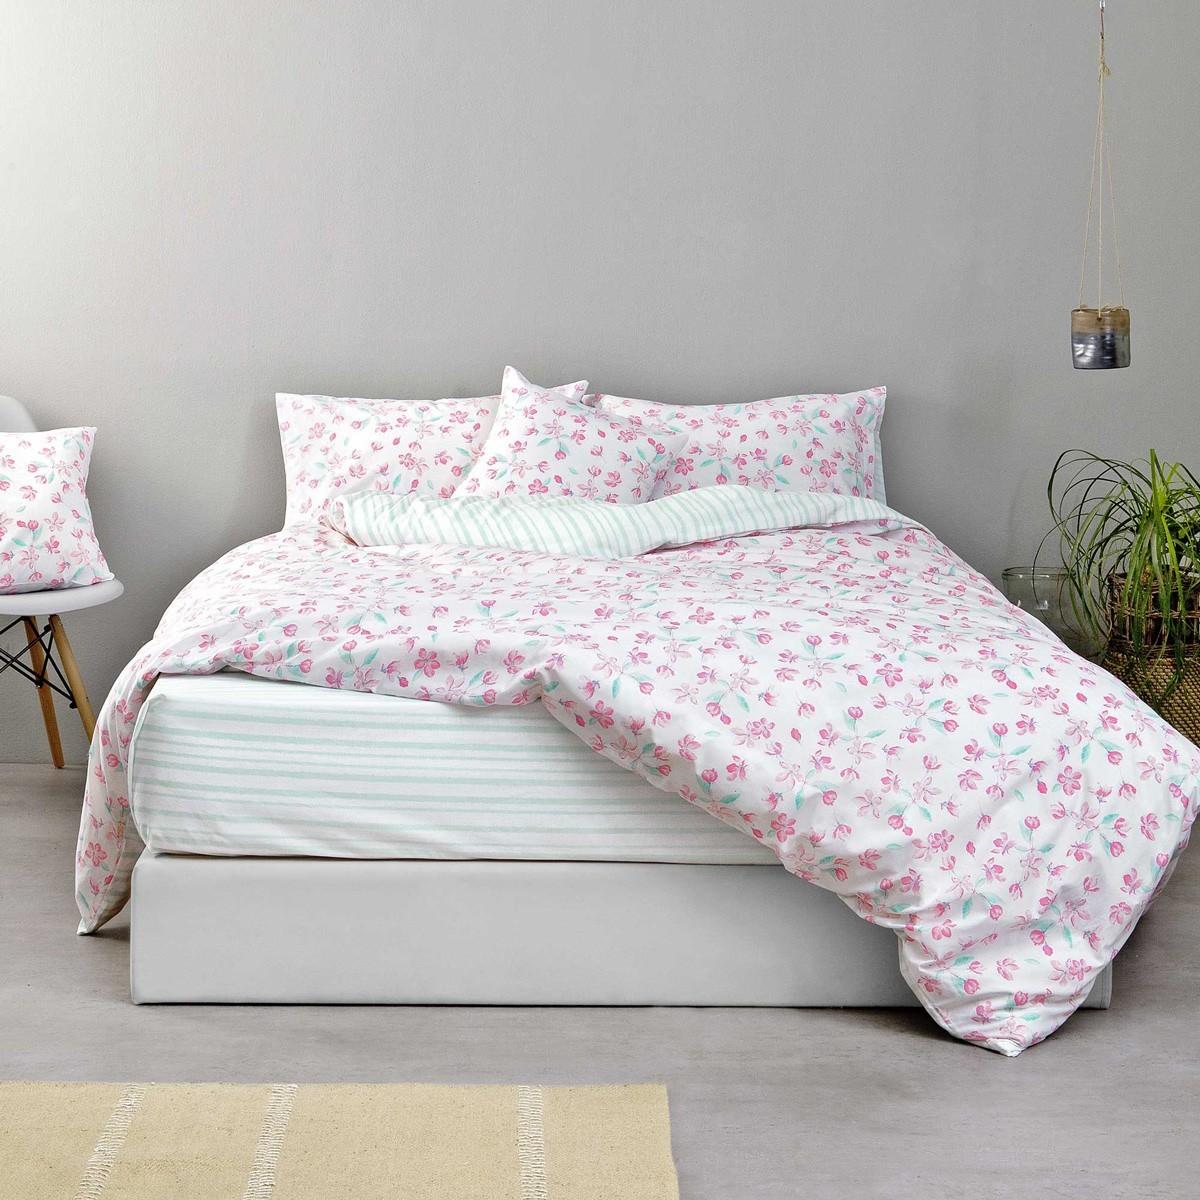 Παπλωματοθήκη Υπέρδιπλη (Σετ) Nima Bed Linen Water Lily Pink